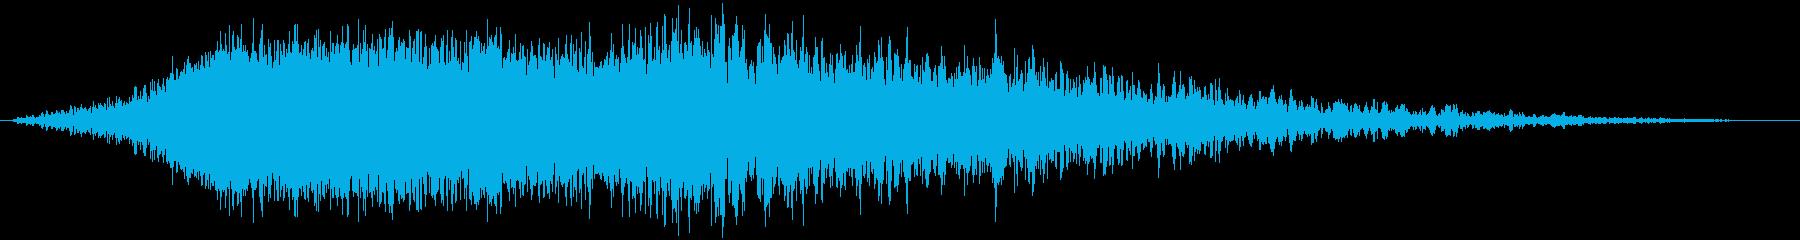 シューッという音EC07_84_5の再生済みの波形